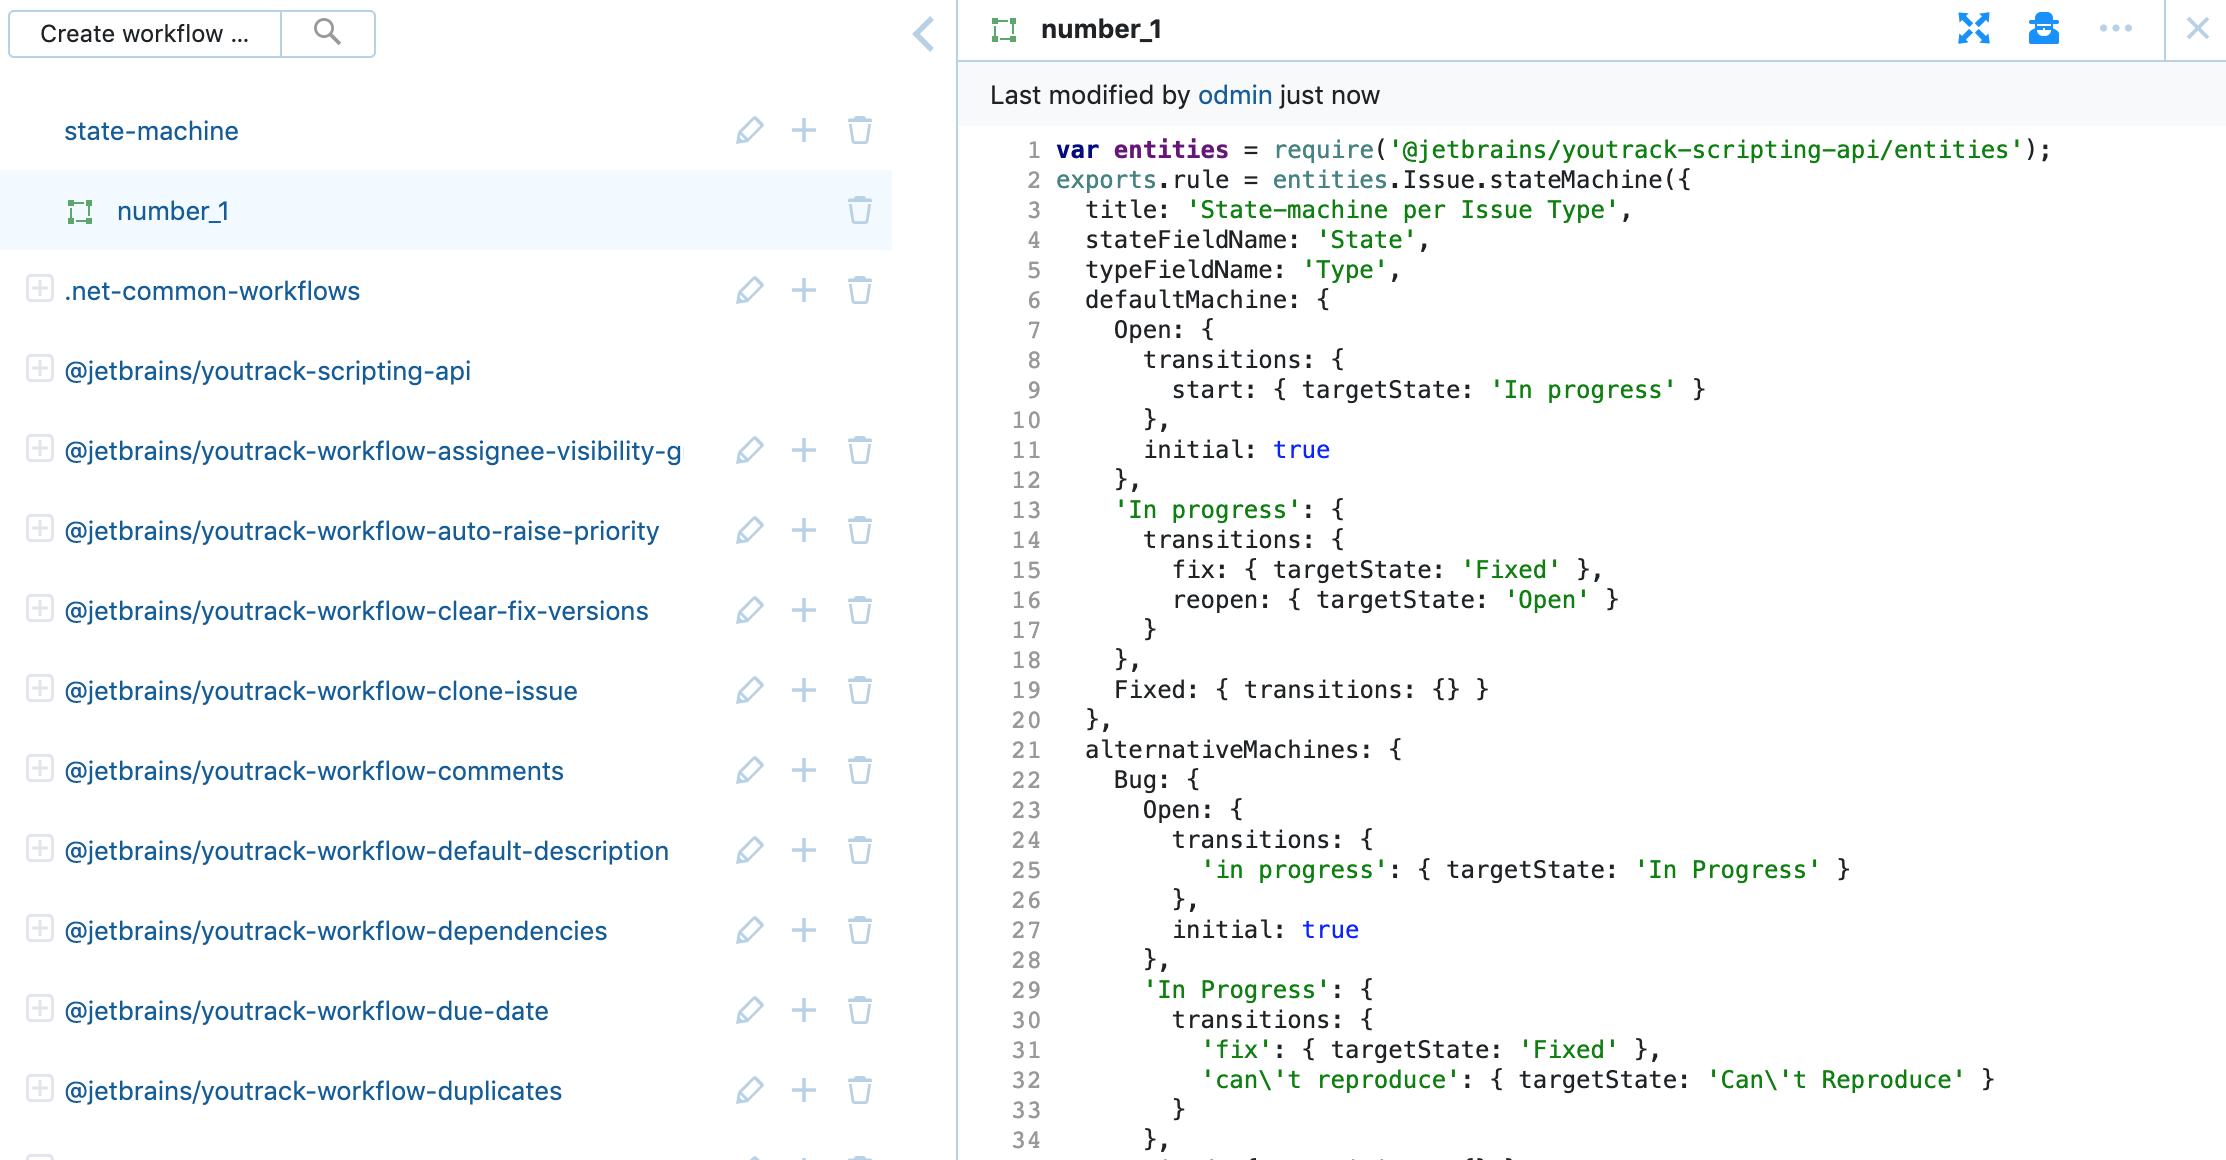 YouTrack 2019.2: общесистемный баннер, улучшения страницы со списком задач, новые параметры для поиска и другое - 2